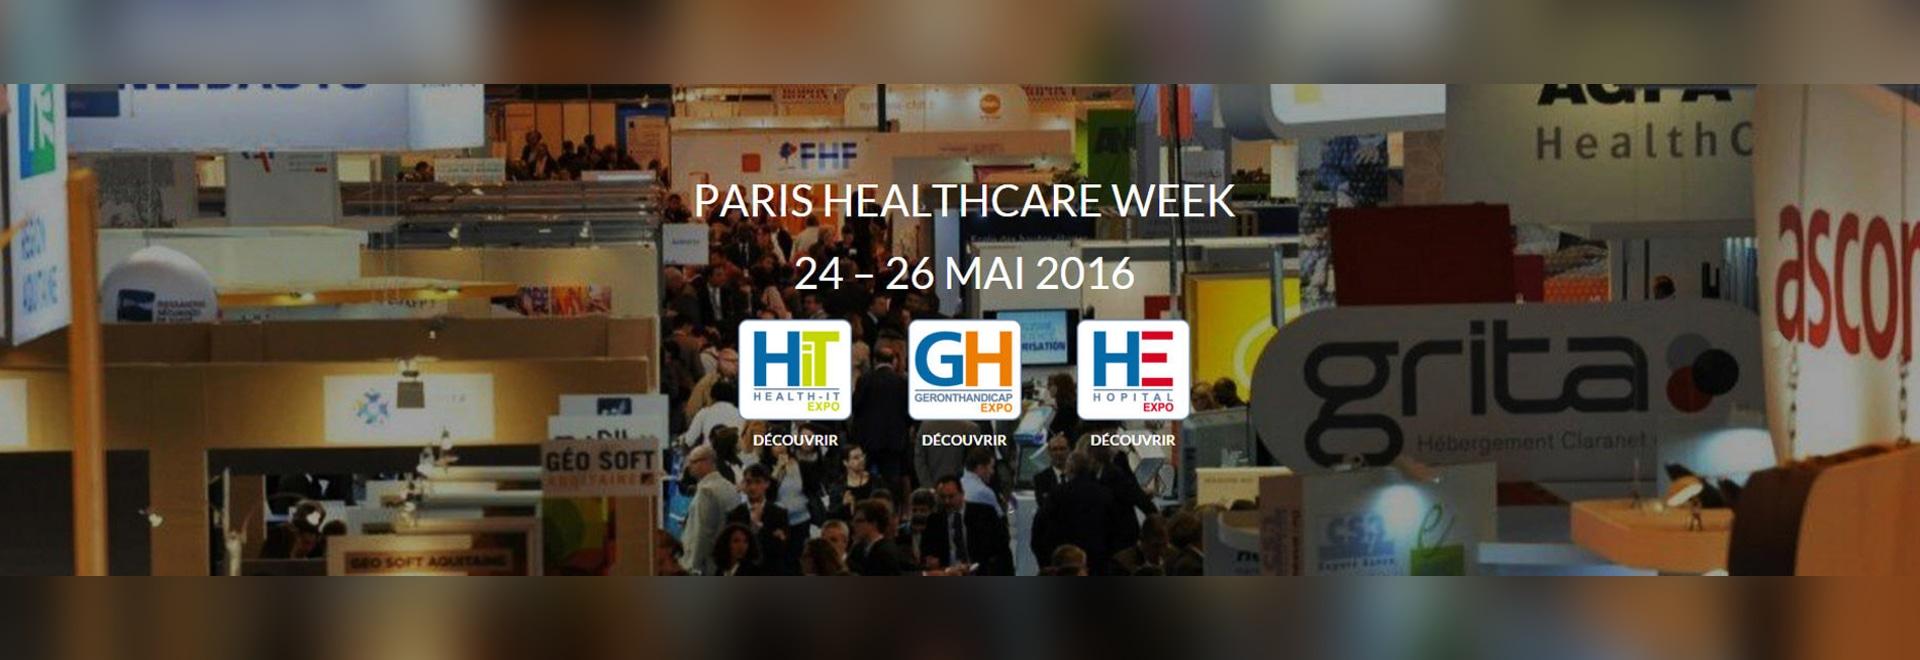 Semana del cuidado médico de París